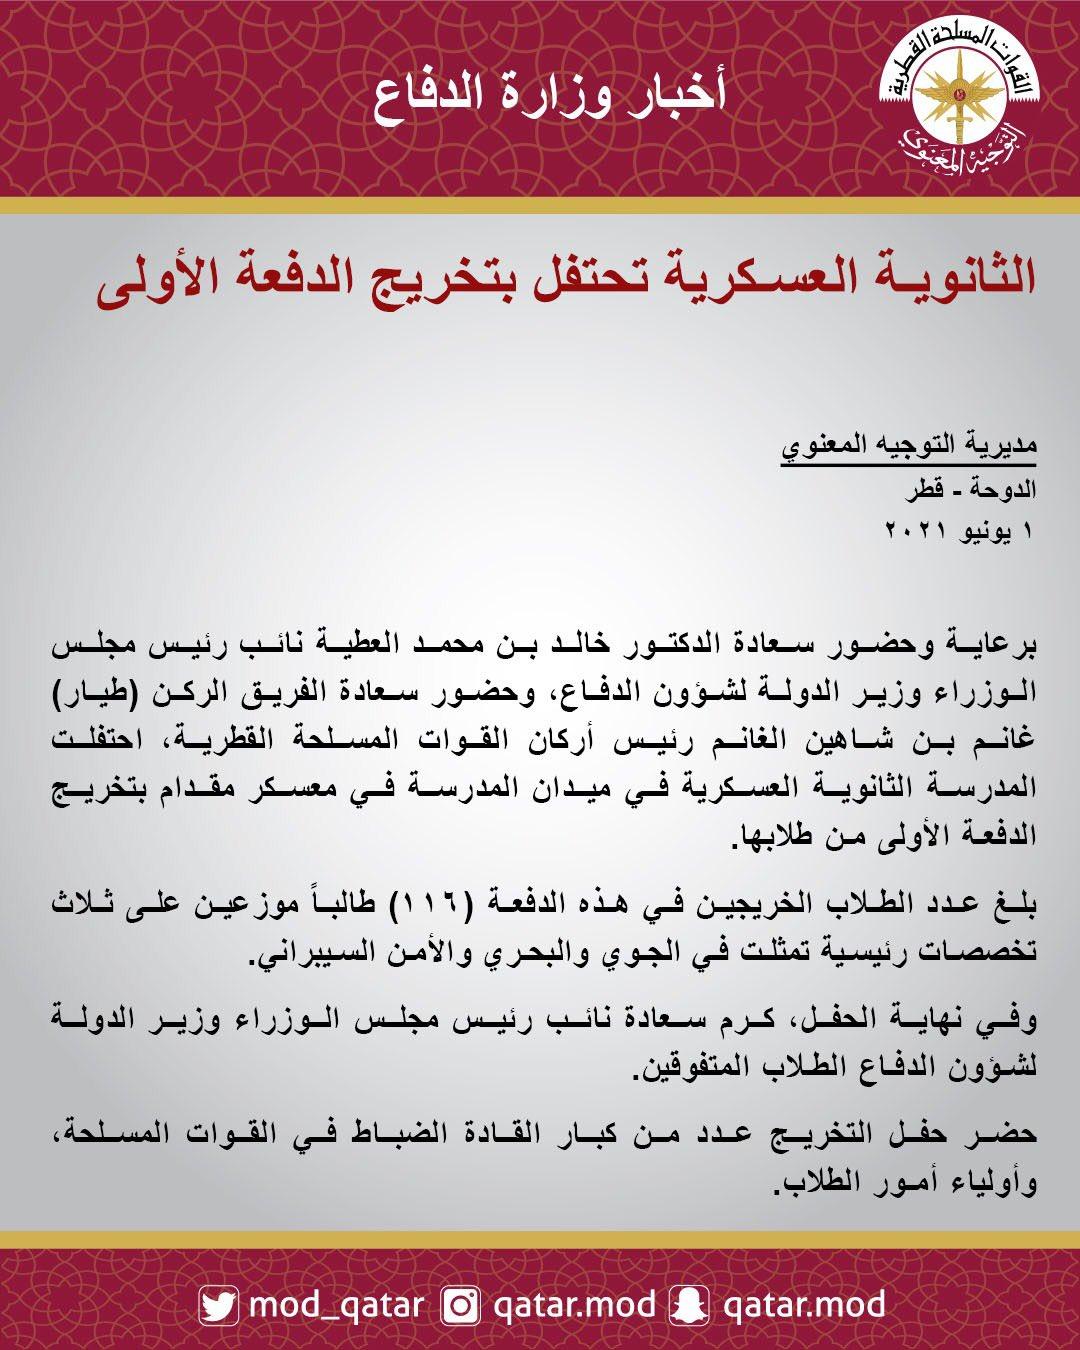 اعلان حفل تخريج الدفعه الأولى من الجيش القطري